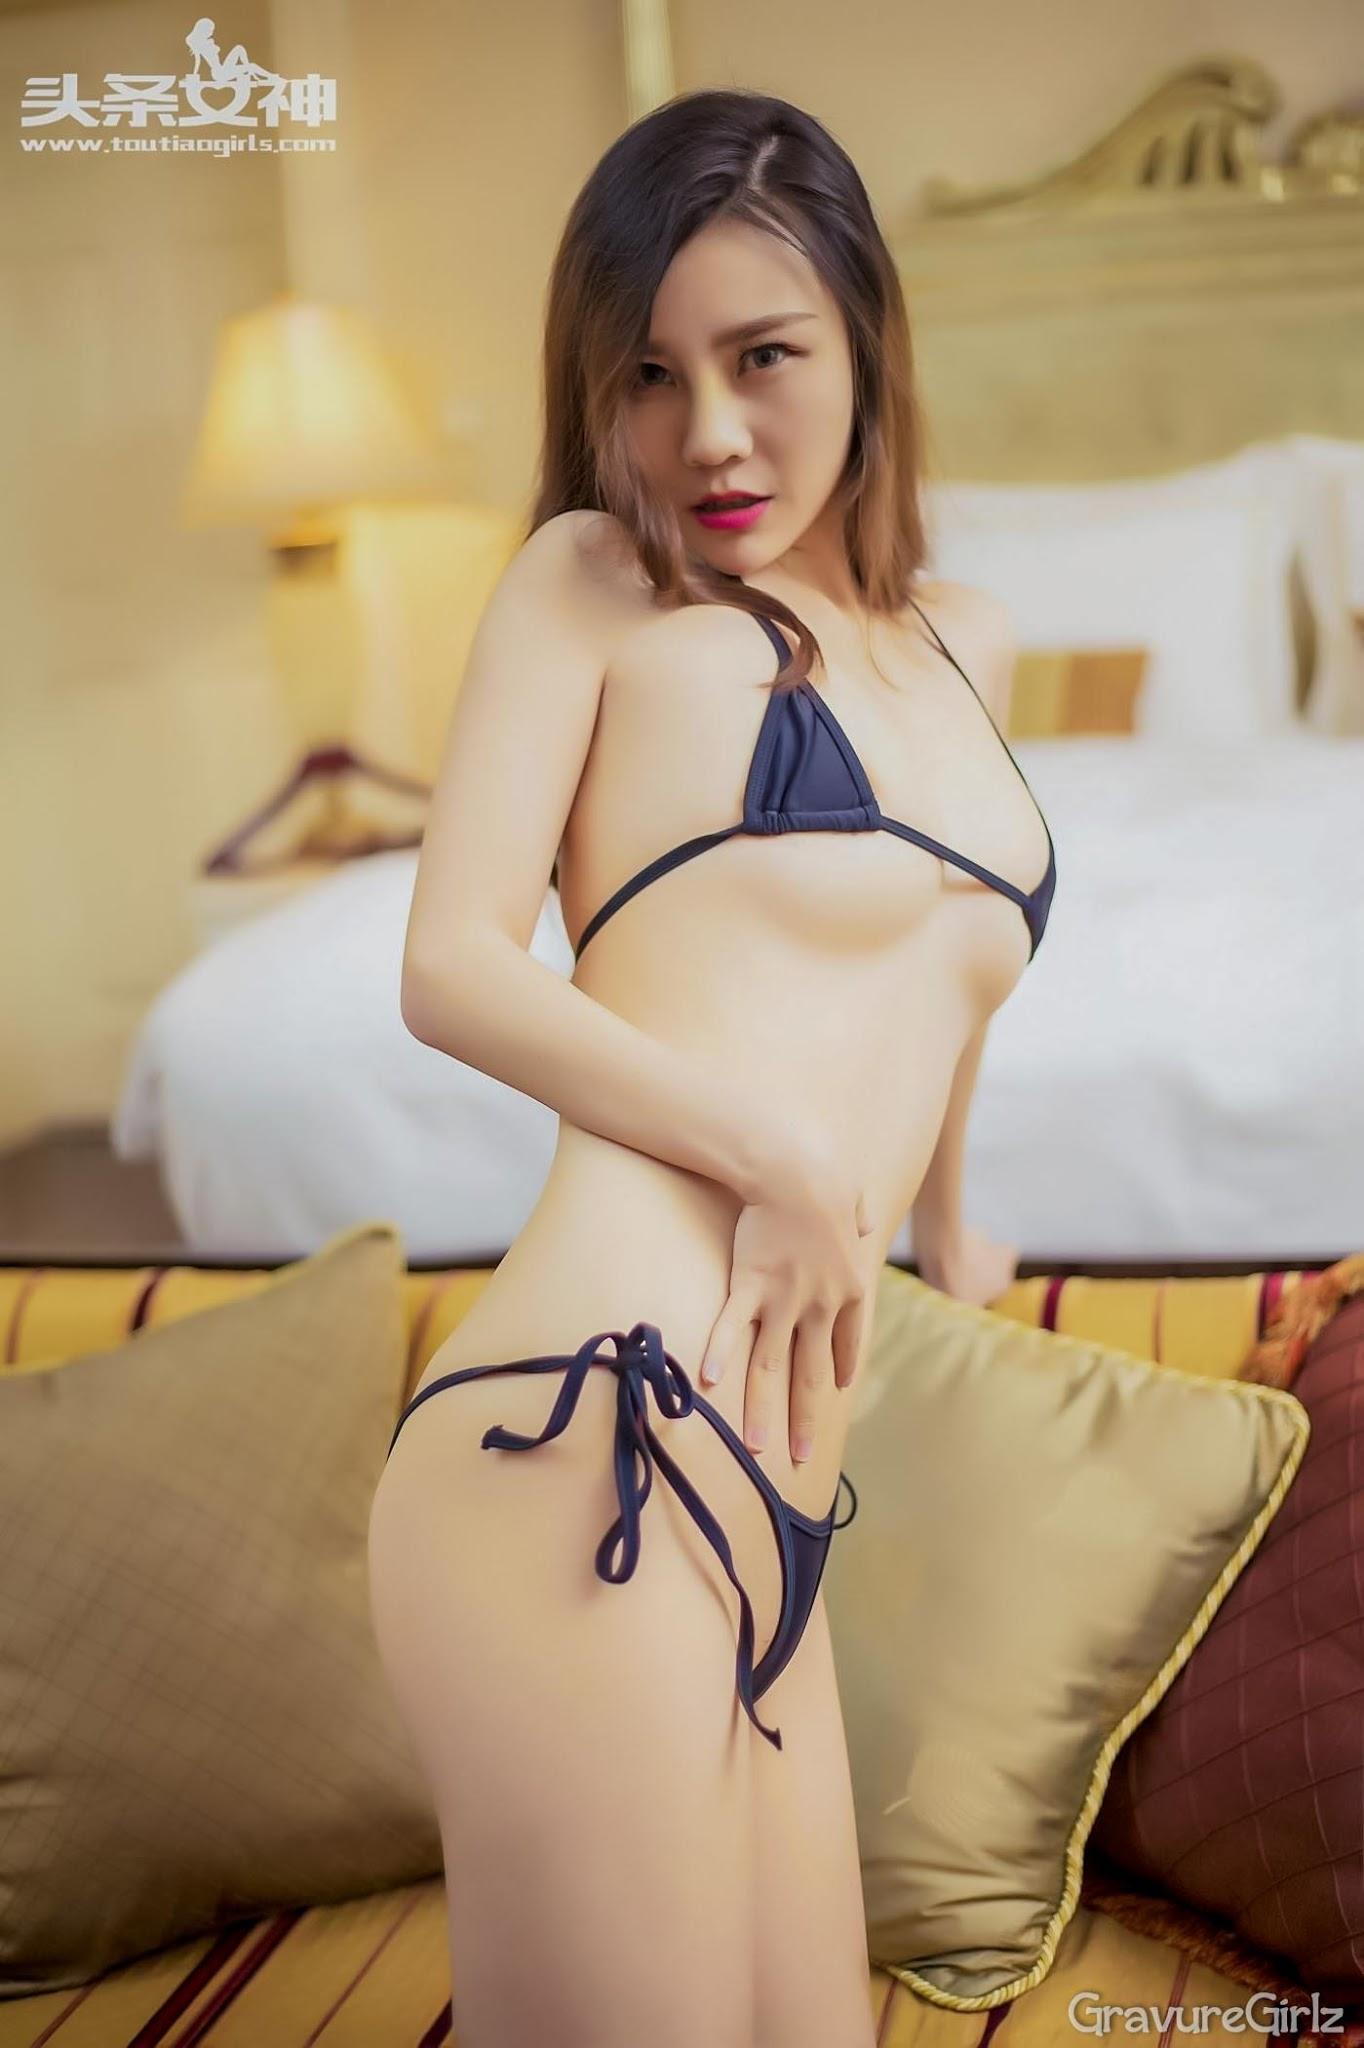 周思迪 Sassy Toutiao GODDESS 头条女神 VOL.055